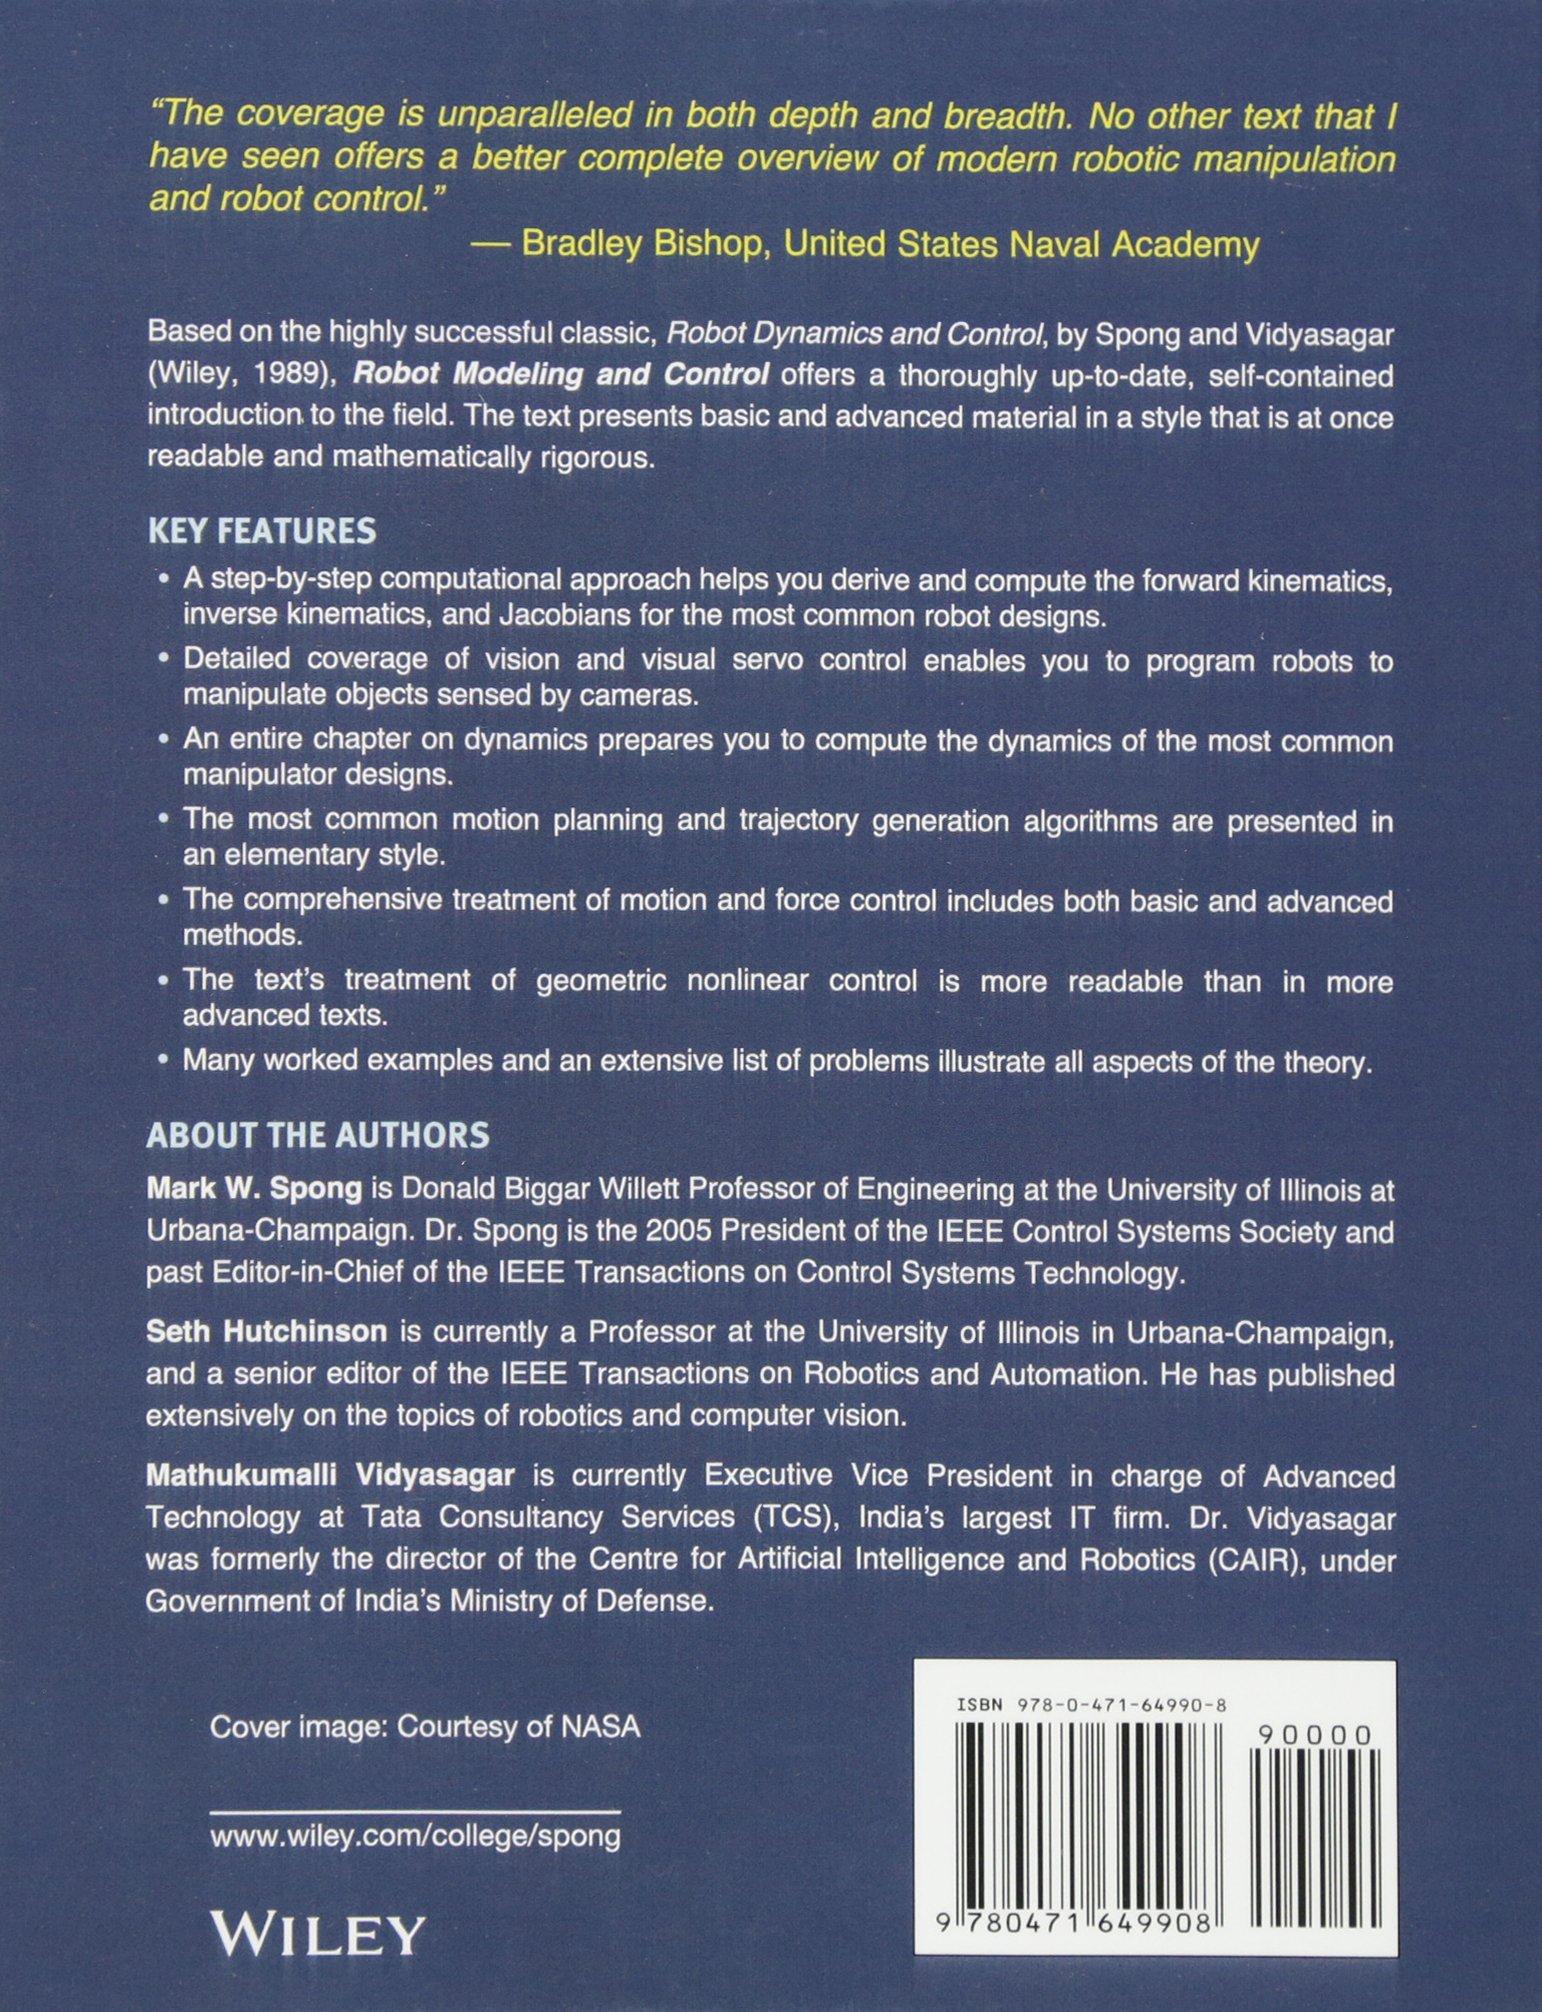 Robot Modeling and Control: Amazon.es: Mark Spong, Seth Hutchinson, Mathukumalli Vidyasagar: Libros en idiomas extranjeros